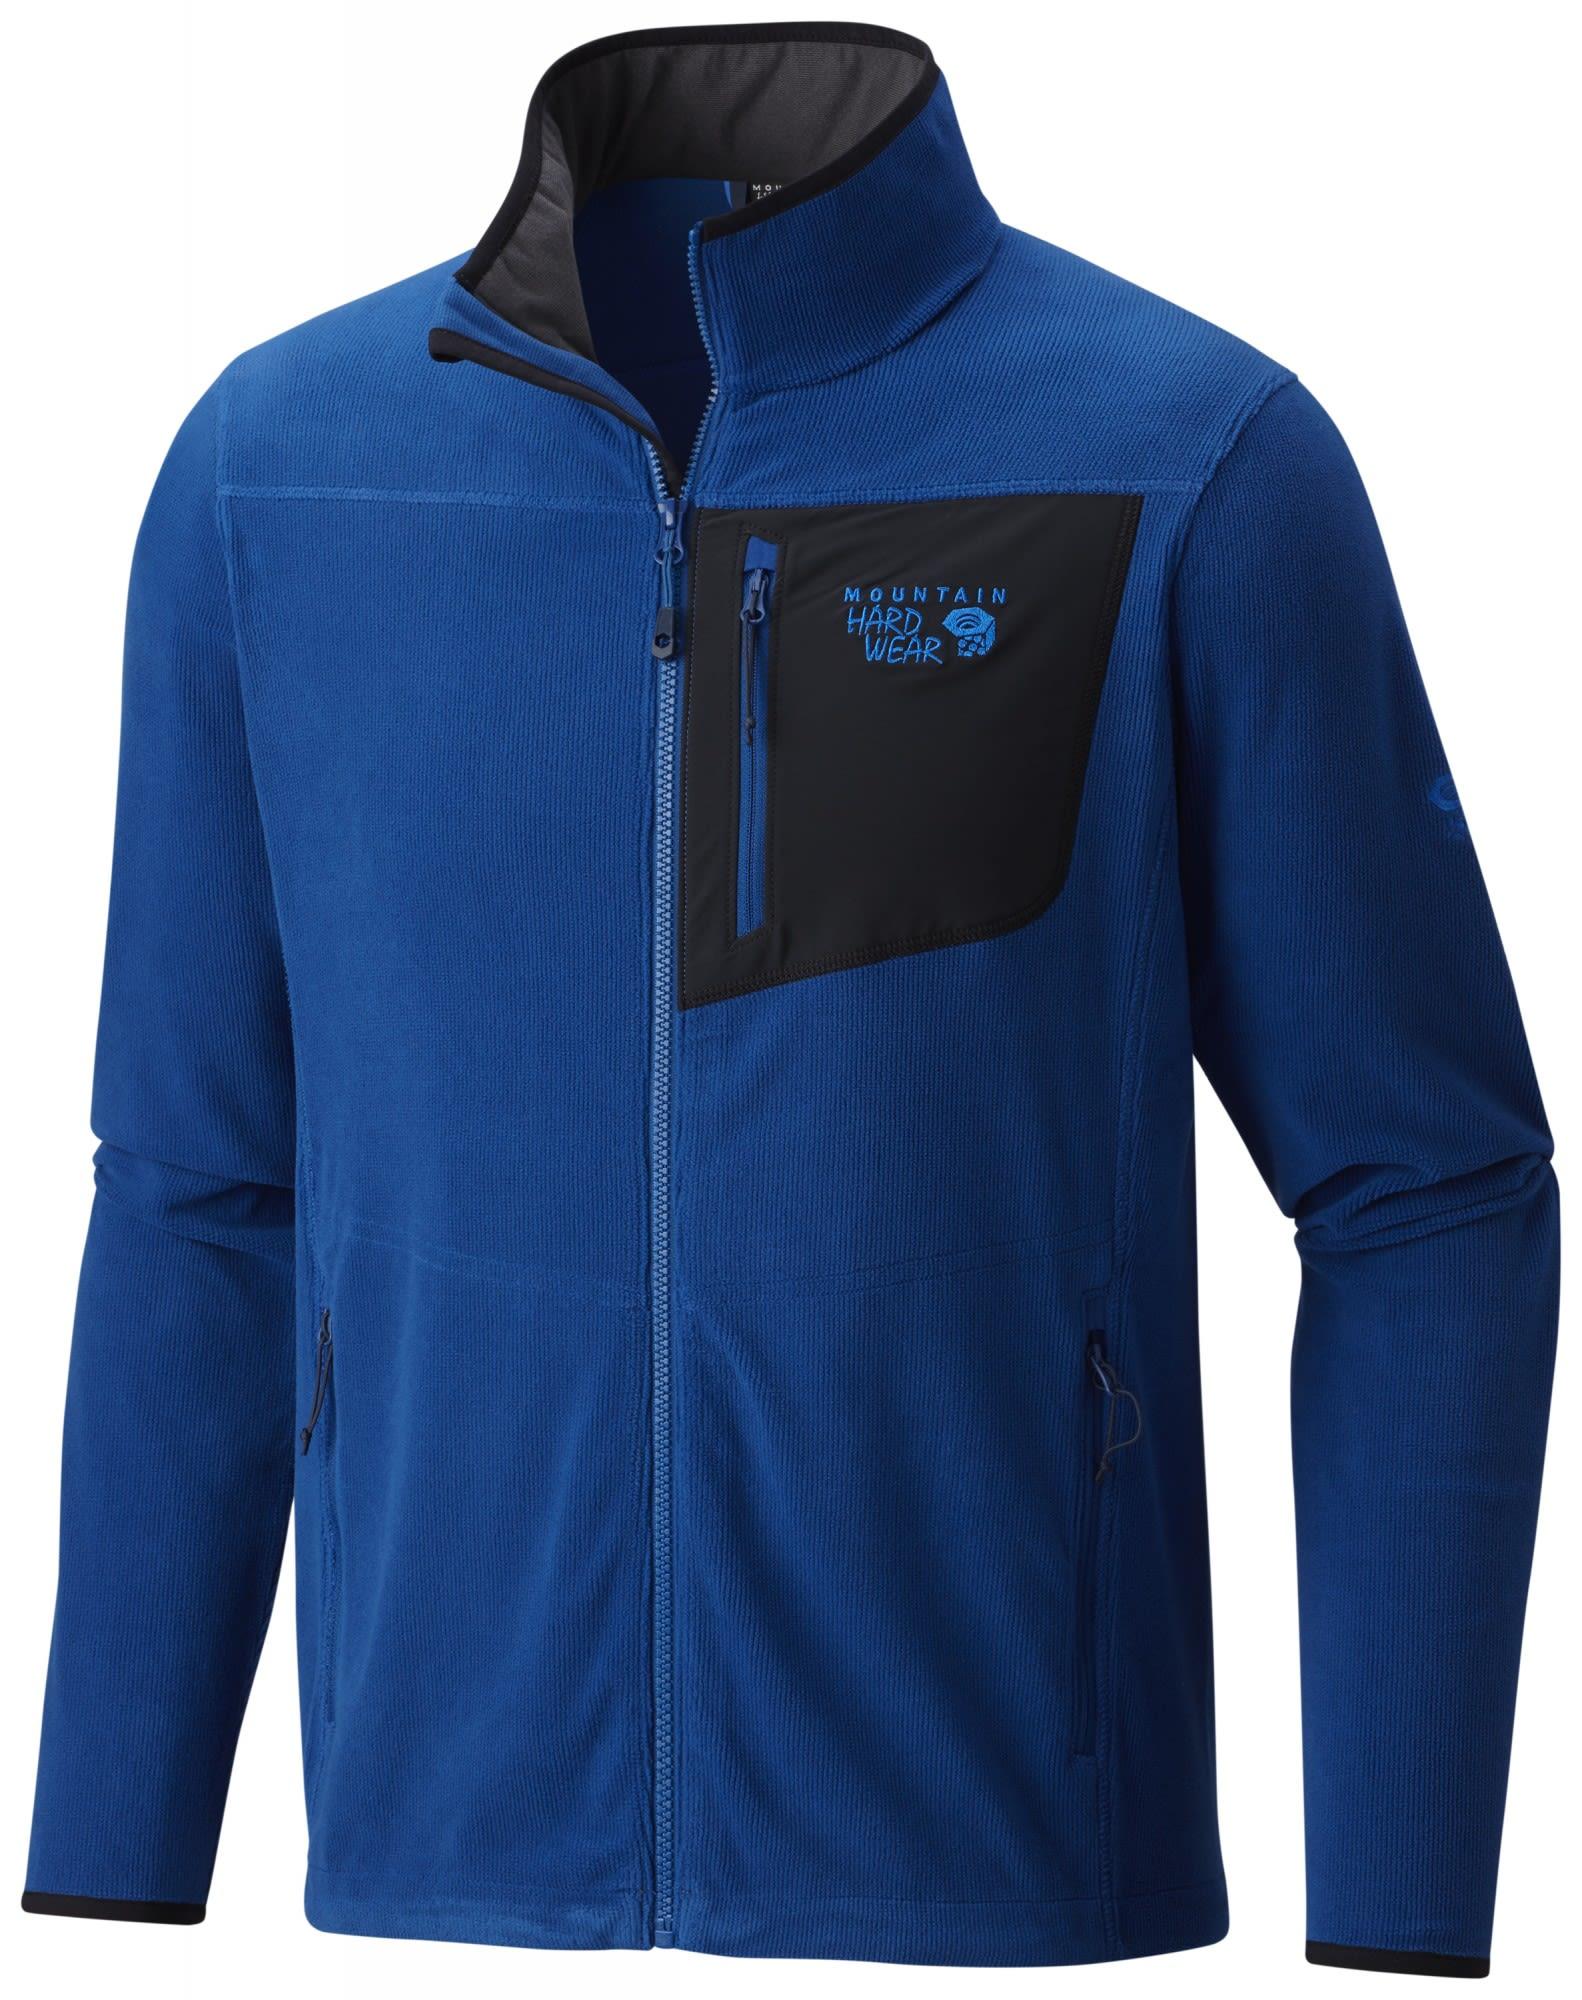 Mountain Hardwear M Strecker Lite Jacket   Herren Fleecejacke